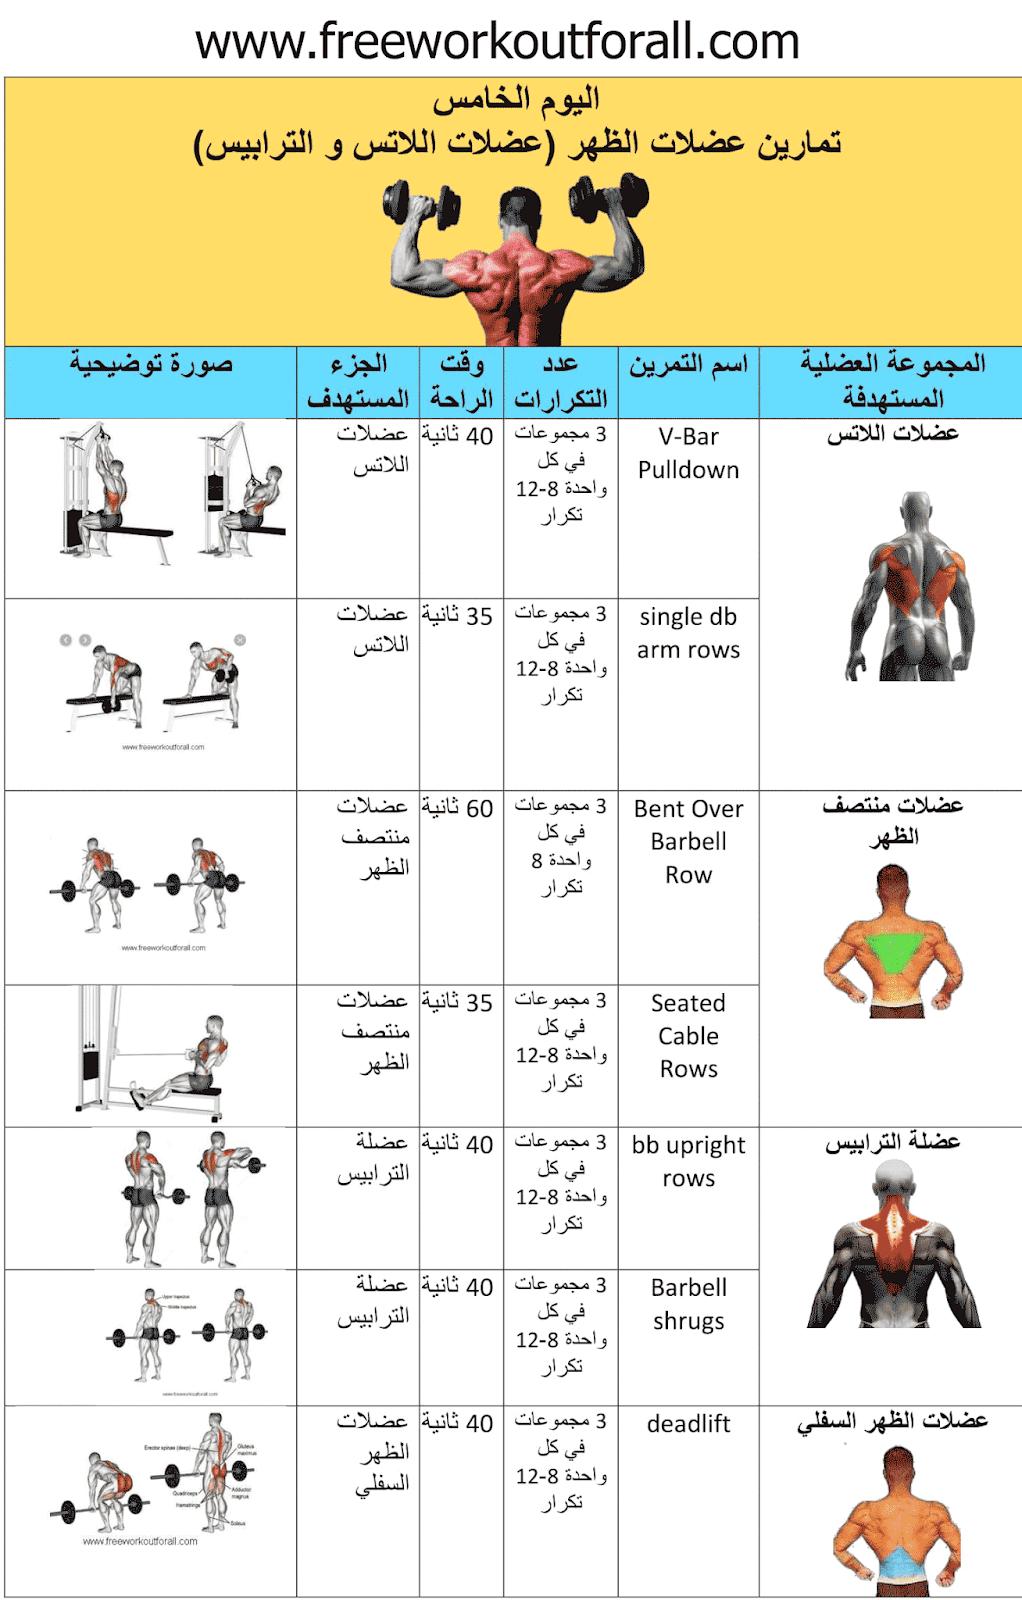 جدول تمارين كمال الاجسام 5 ايام Workout Routine For Men Workout Schedule Gym Workout Tips